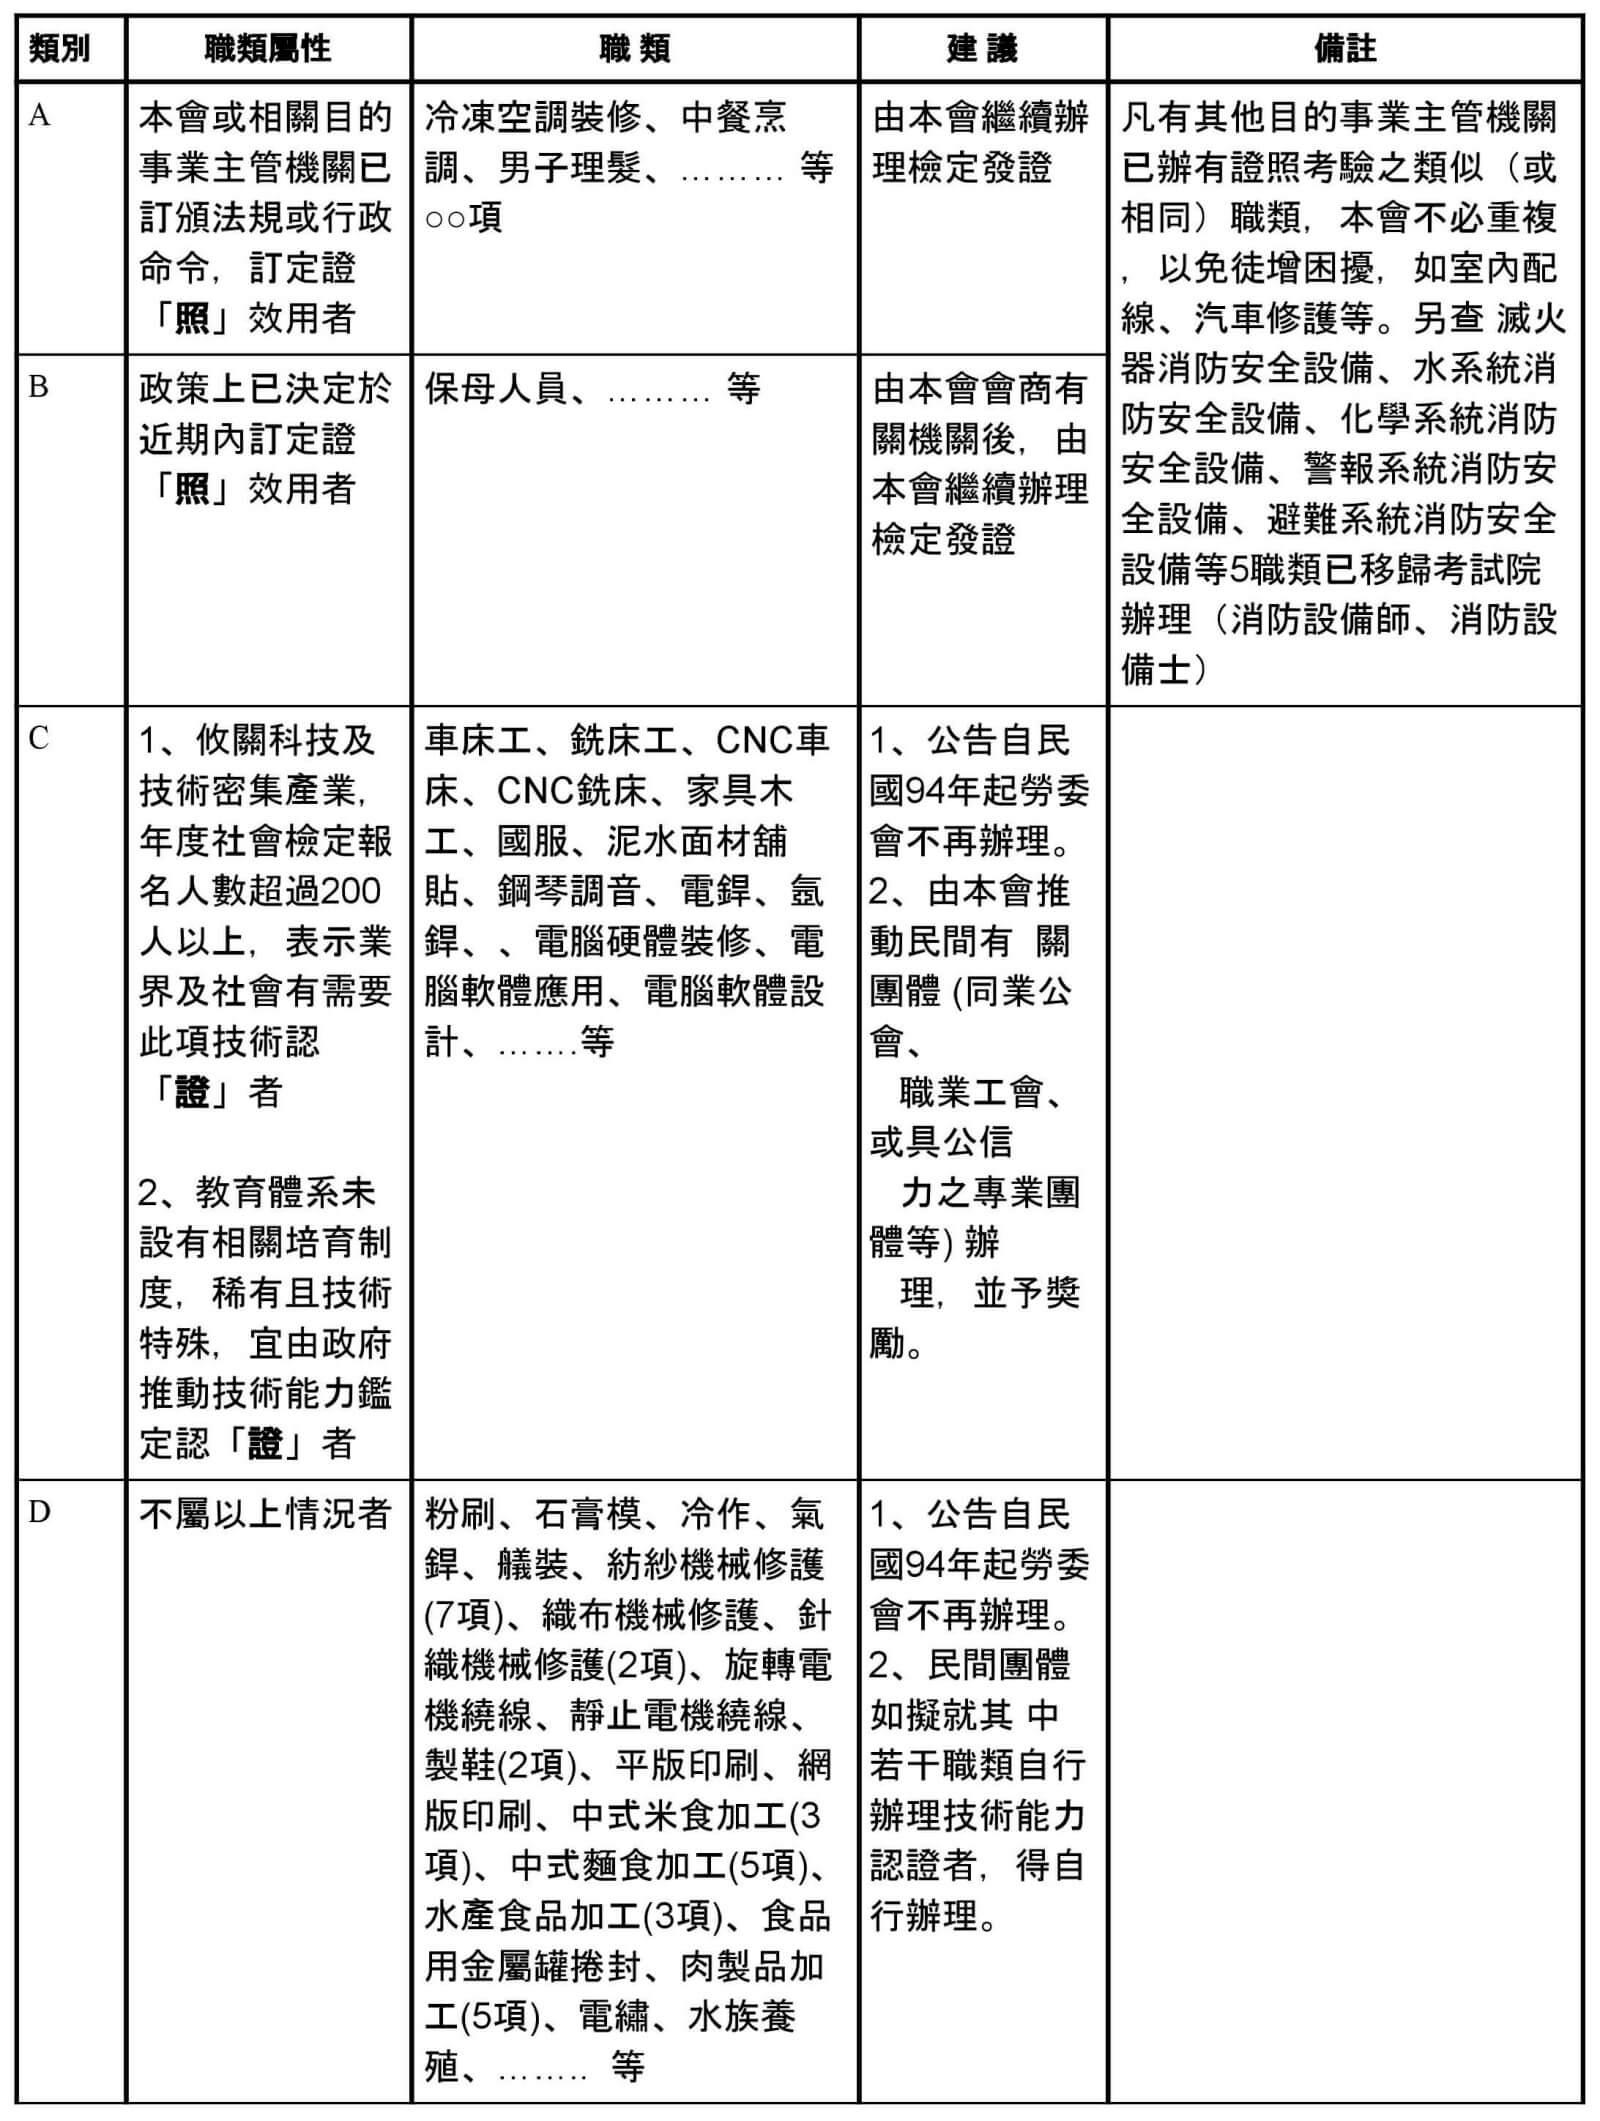 譚仰光的技能檢定職類分類